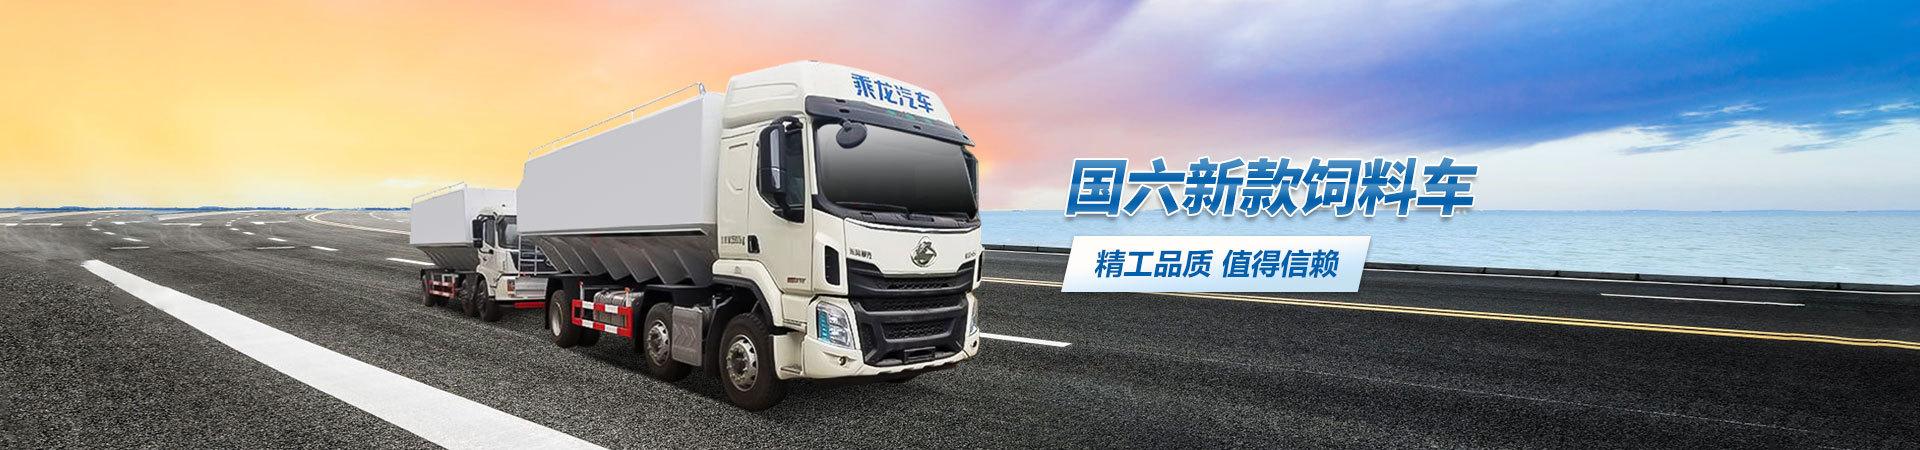 国六江淮蓝牌平板清障车_产品中心